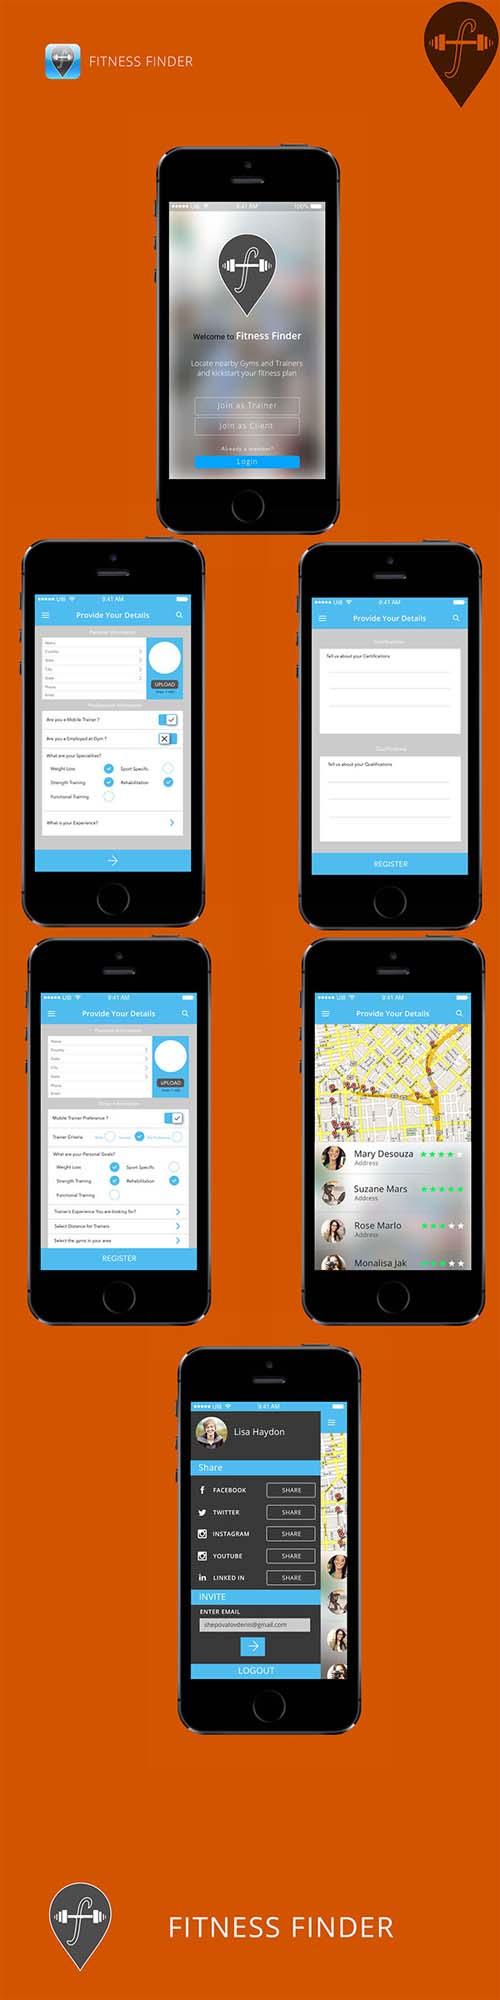 Fitness Finder UI Design Concept